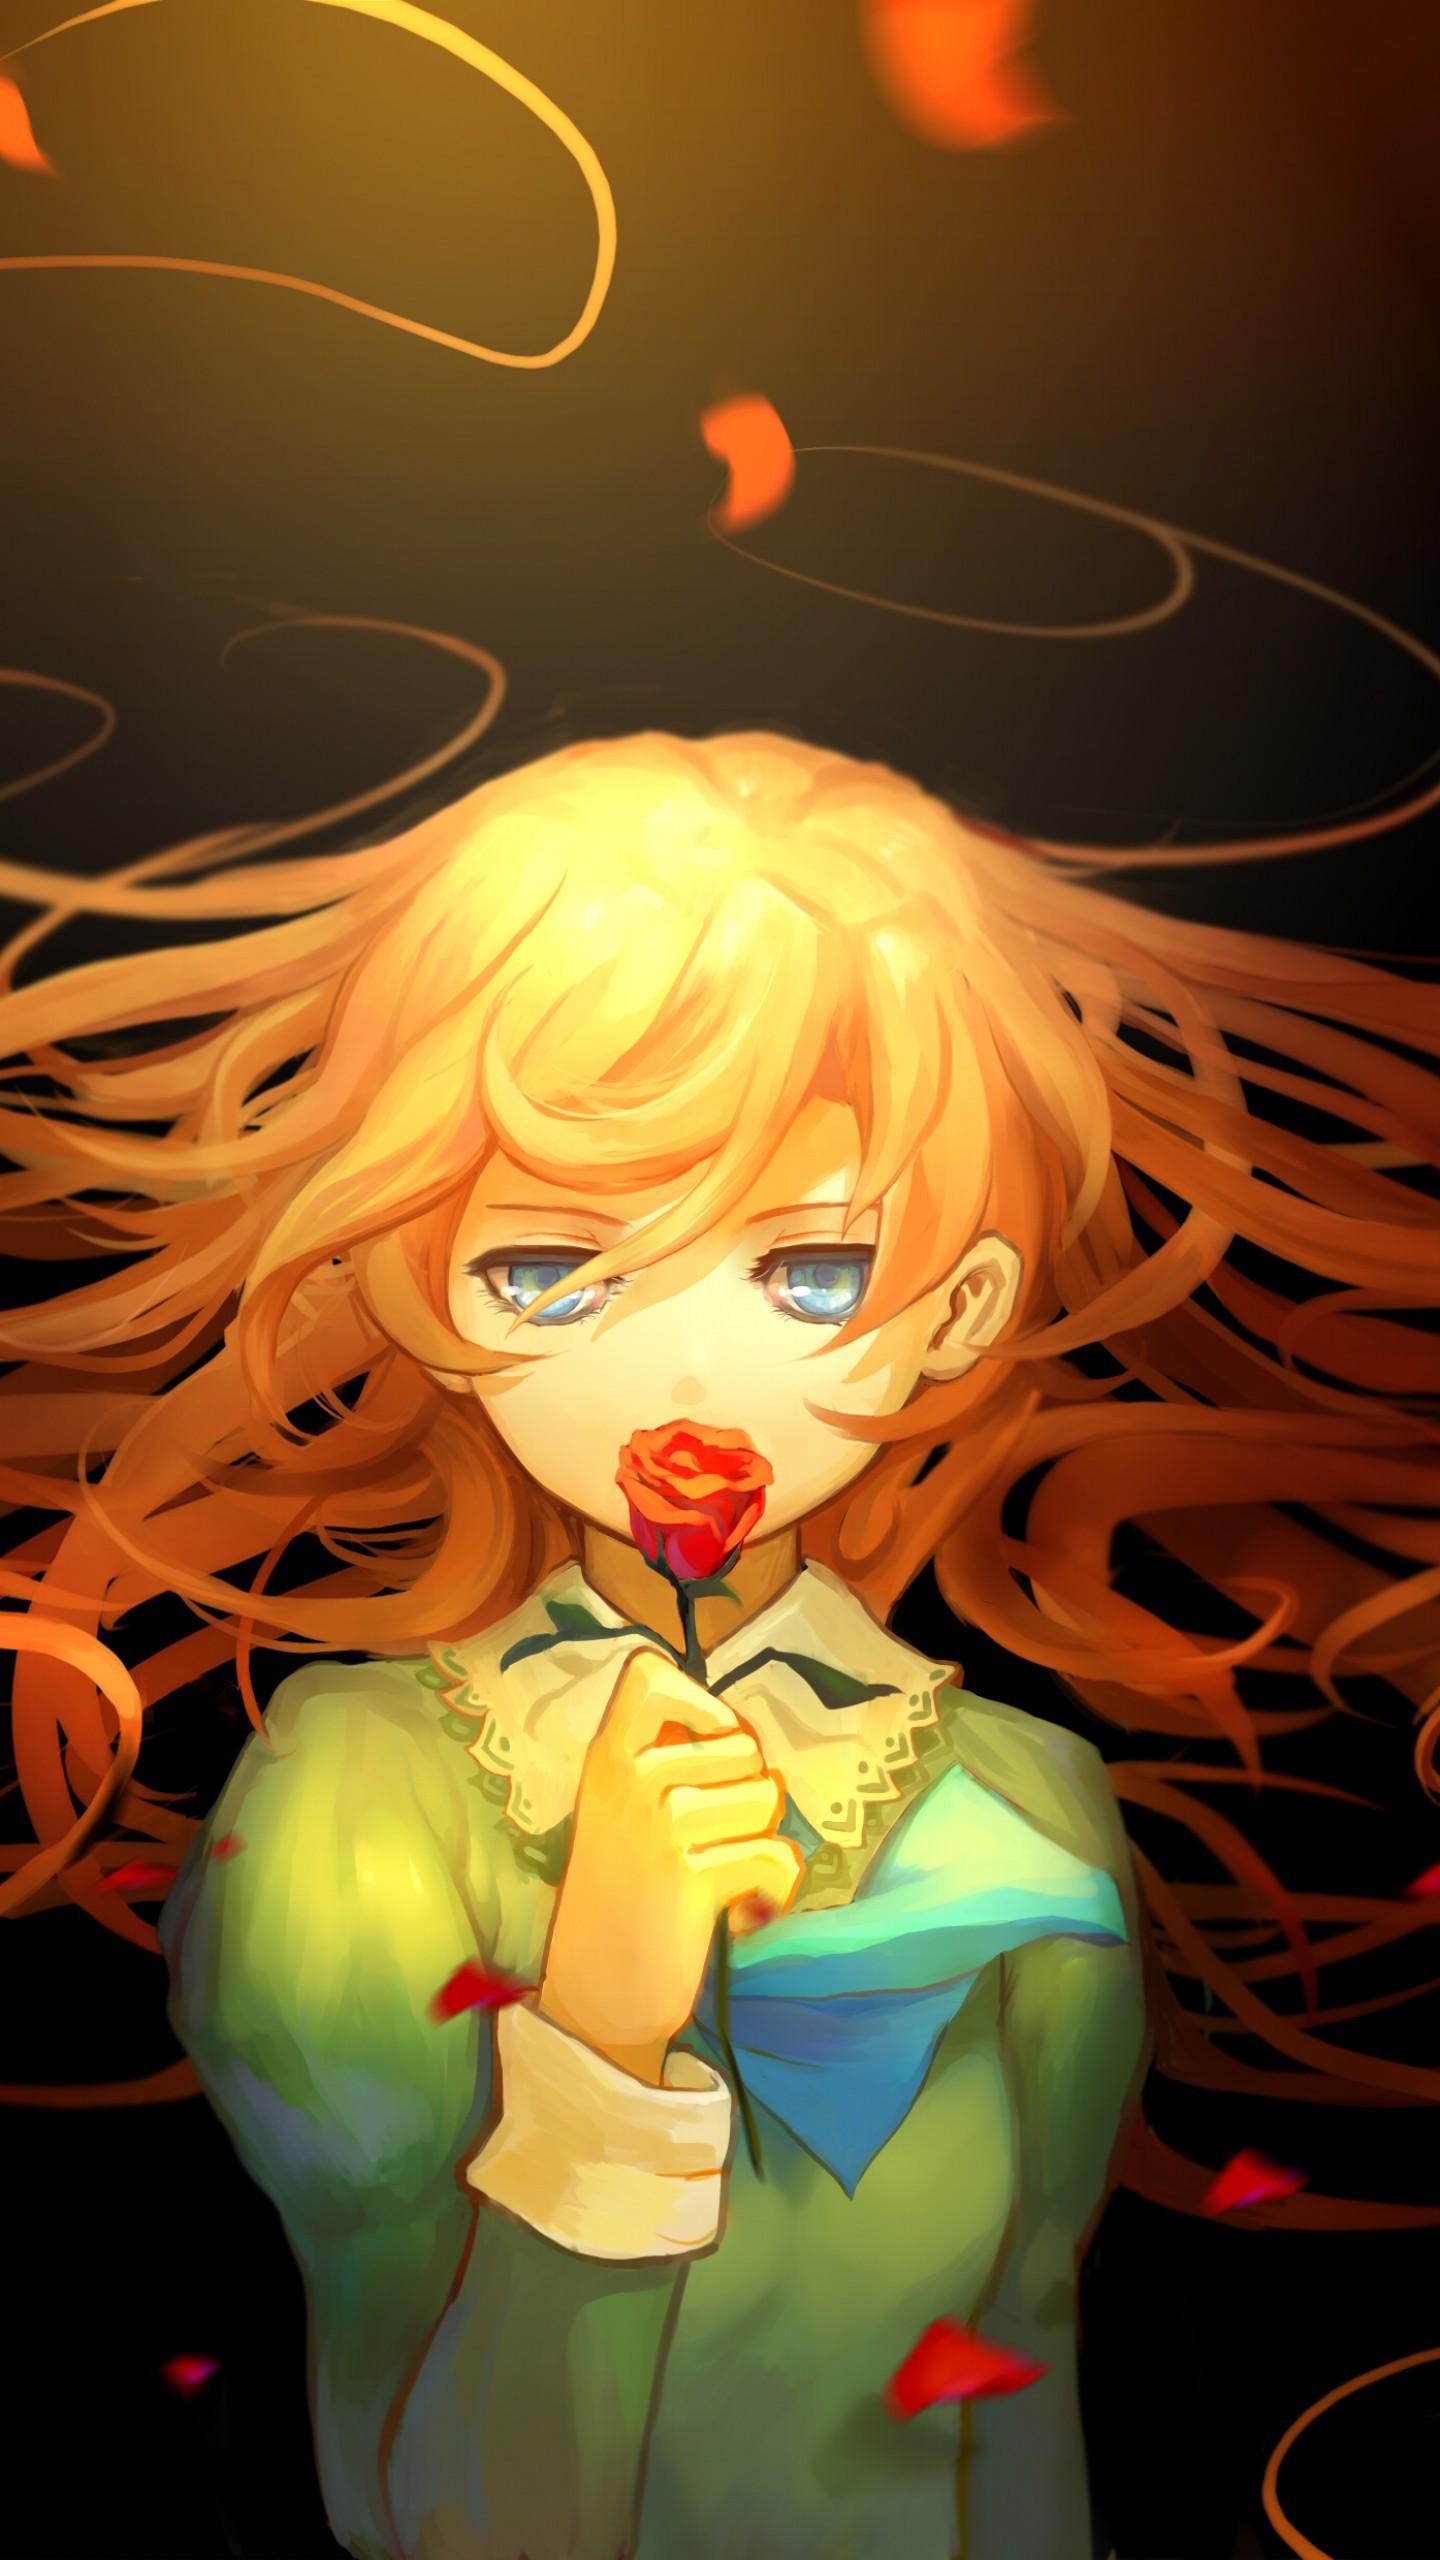 عکس زمینه انیمه دختر گل سرخ پس زمینه